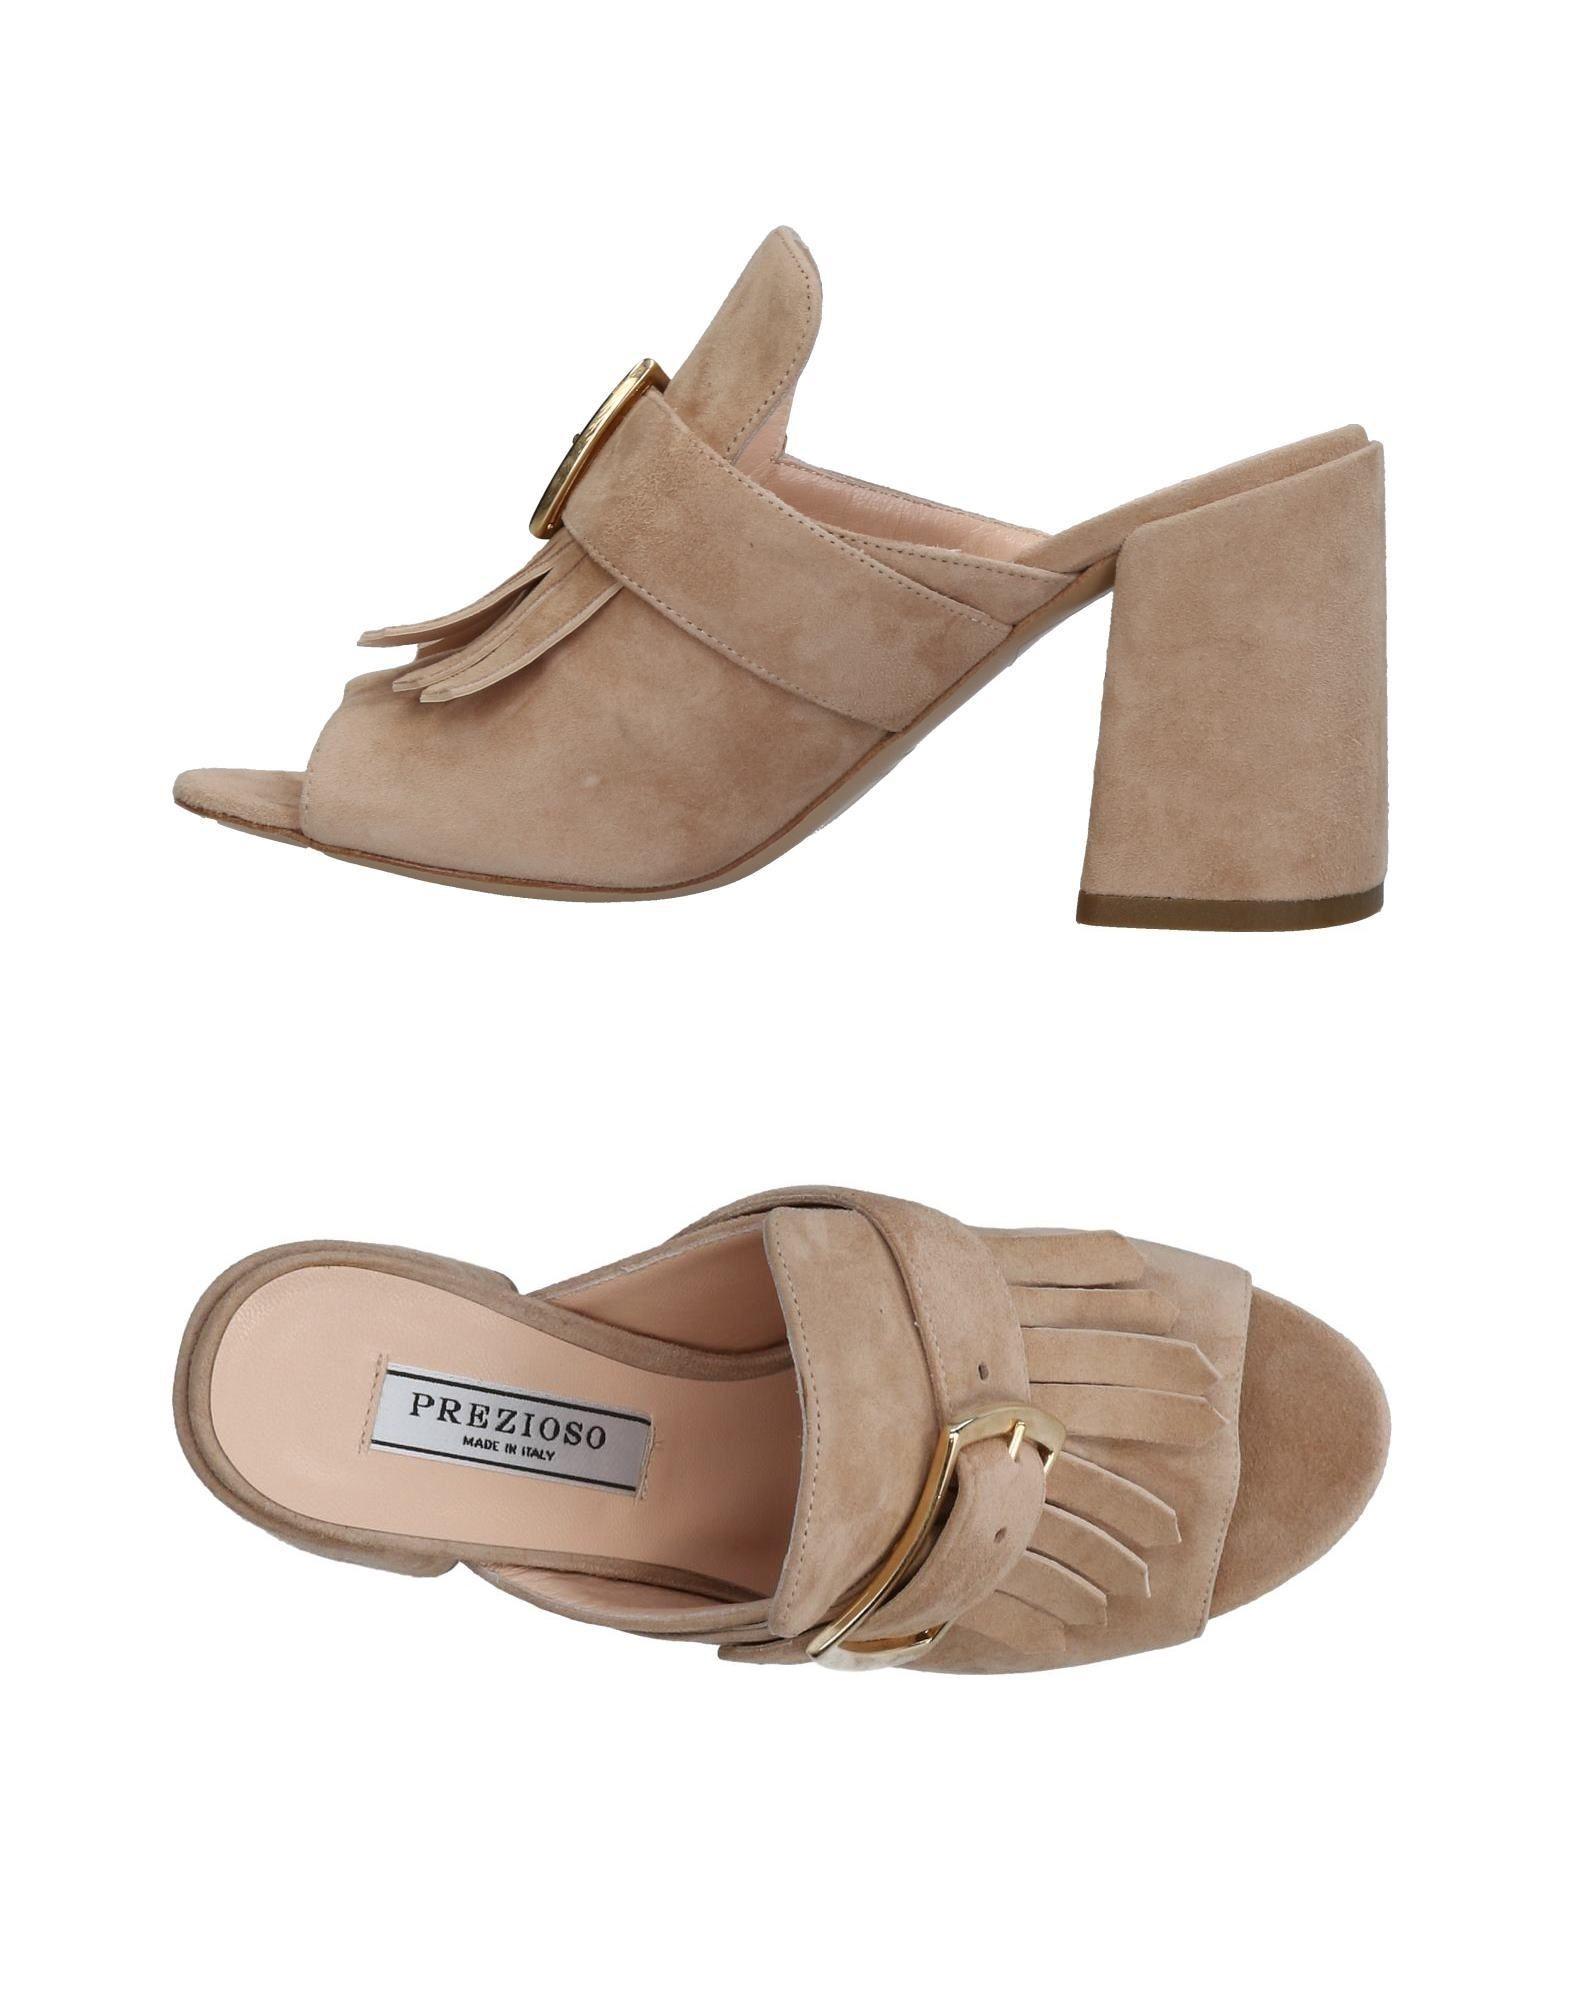 Moda Sandali Prezioso Donna - 11456131JR